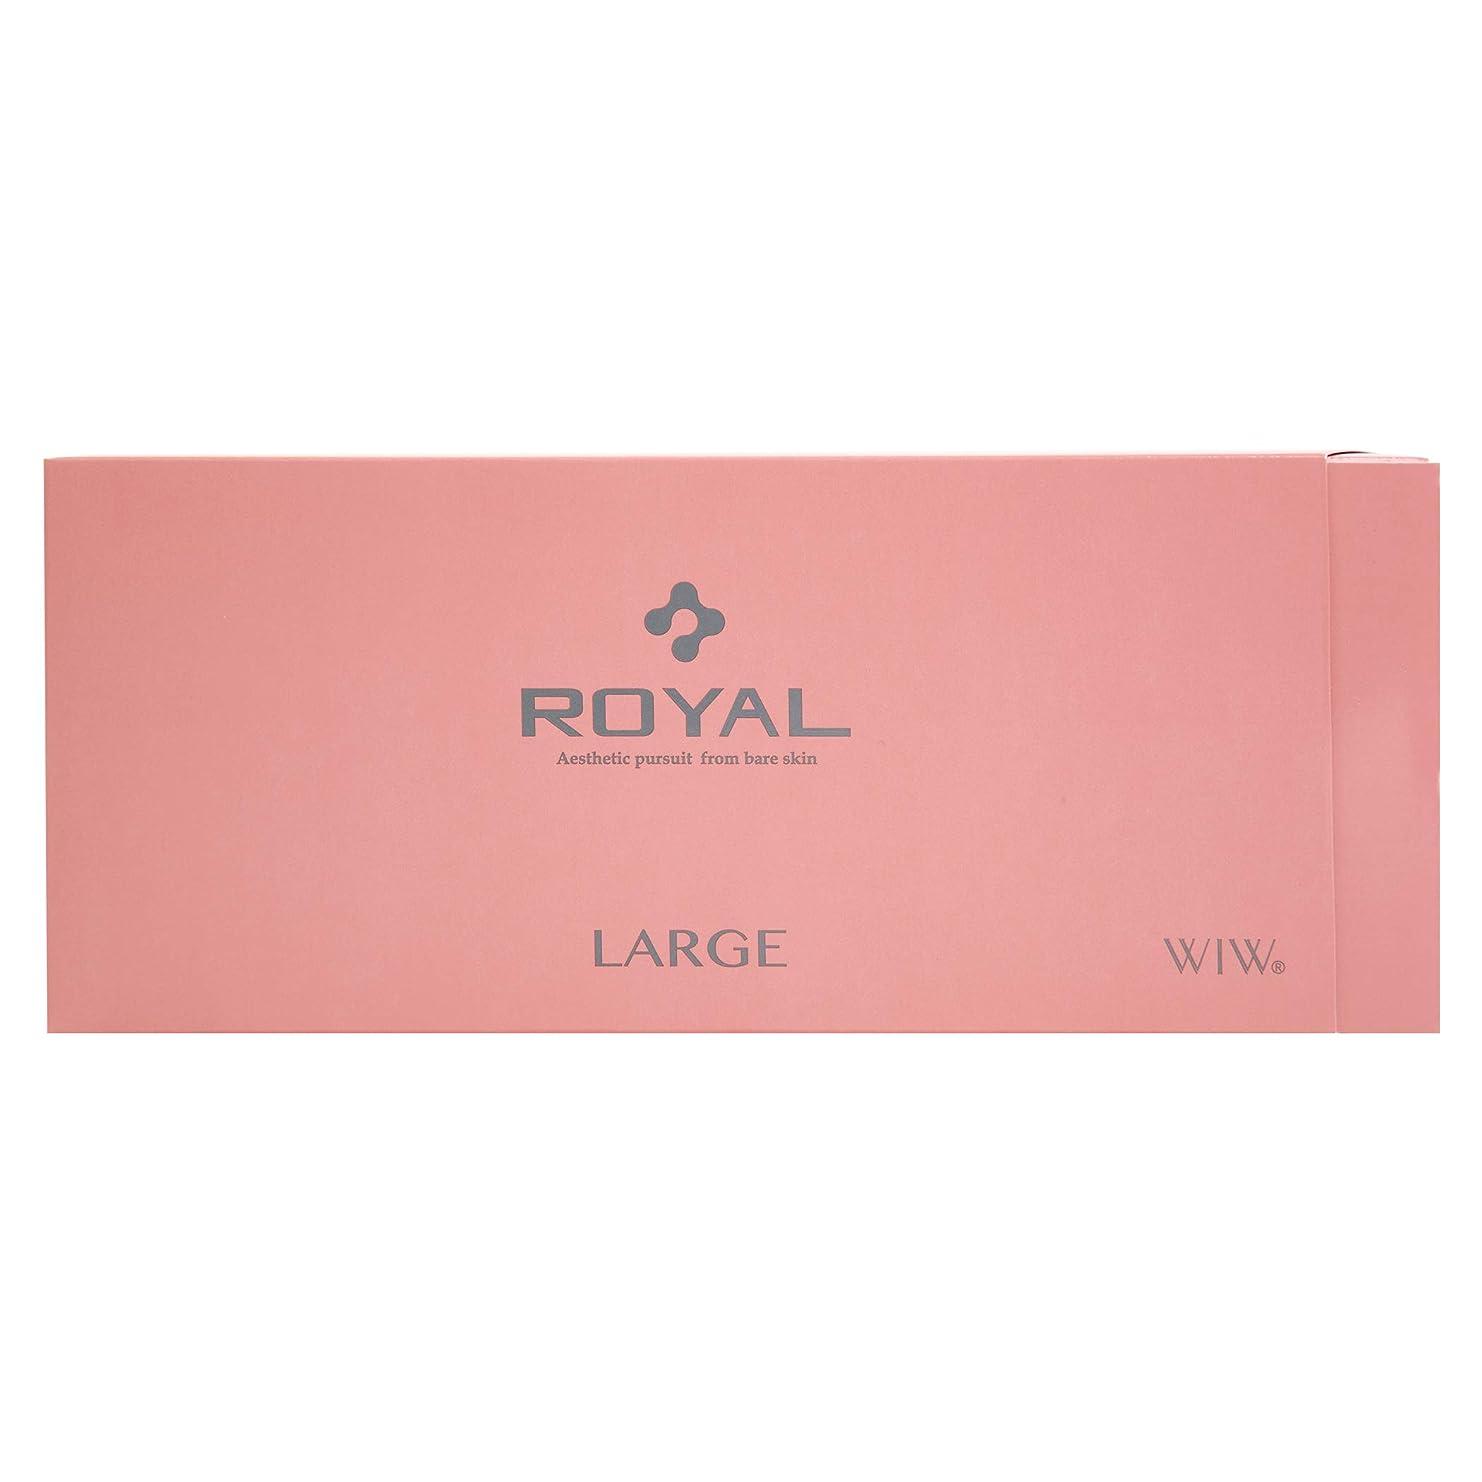 戻す根拠思い出させるWIW ROYAL ロイアルラージ 1.3ml×90袋